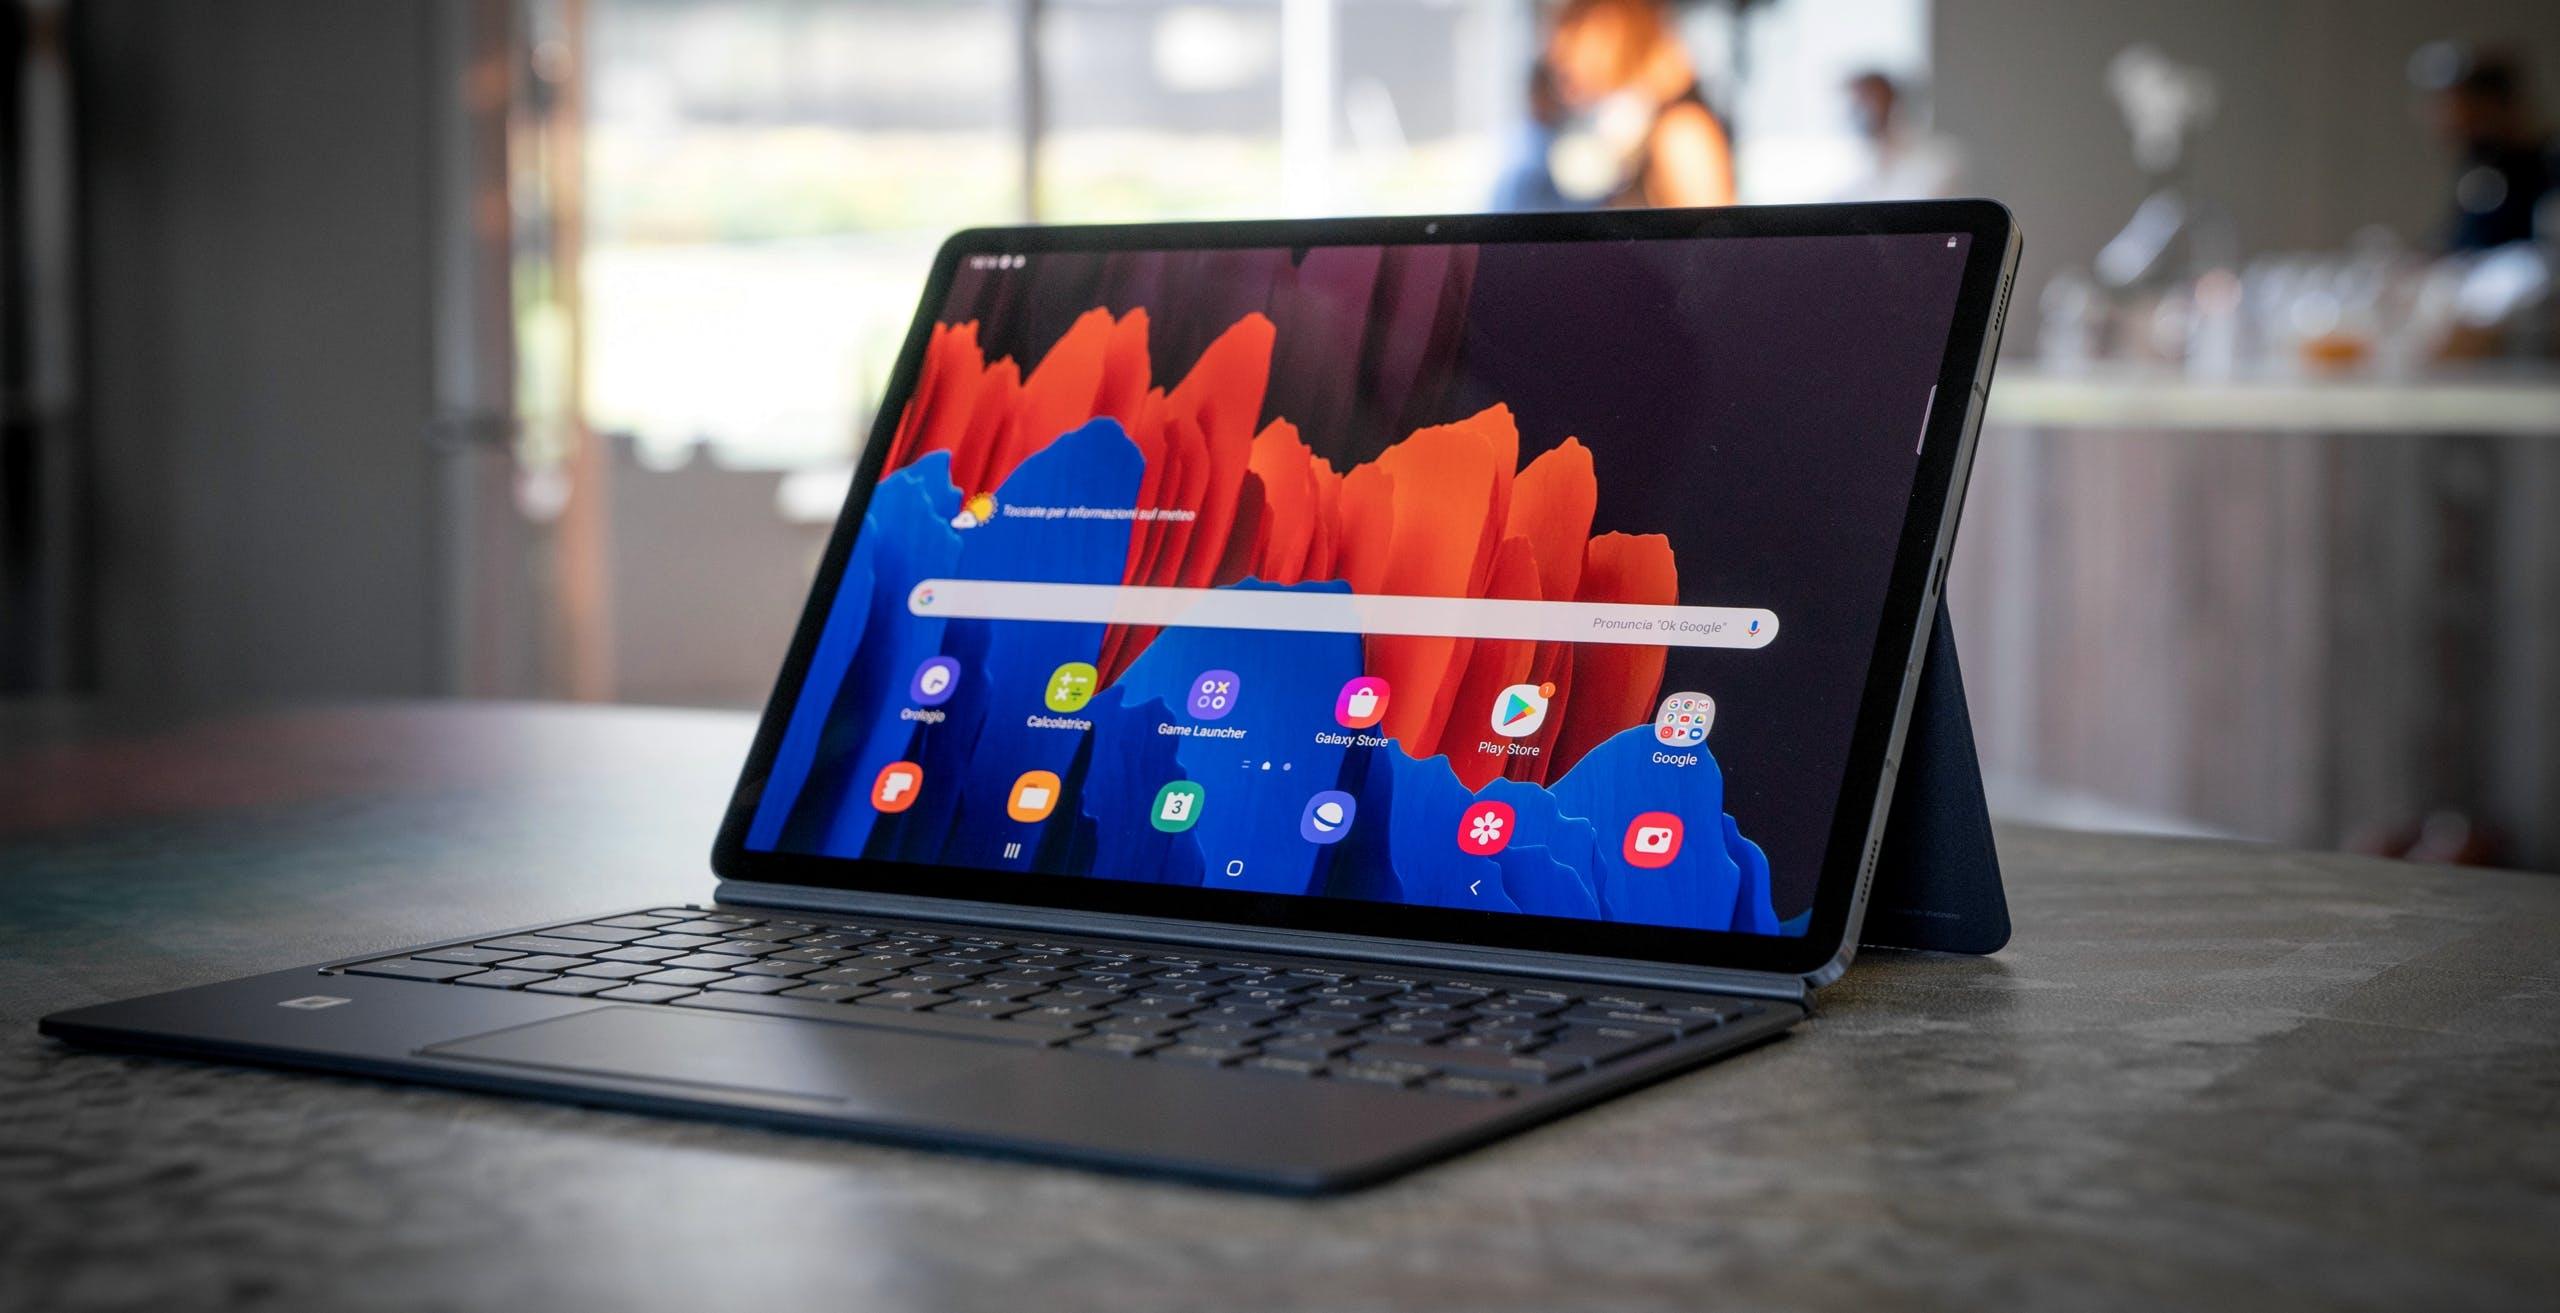 Nuovi Galaxy Tab S7 e S7+, 120 Hz di refresh rate e integrazione con Windows 10 senza precedenti